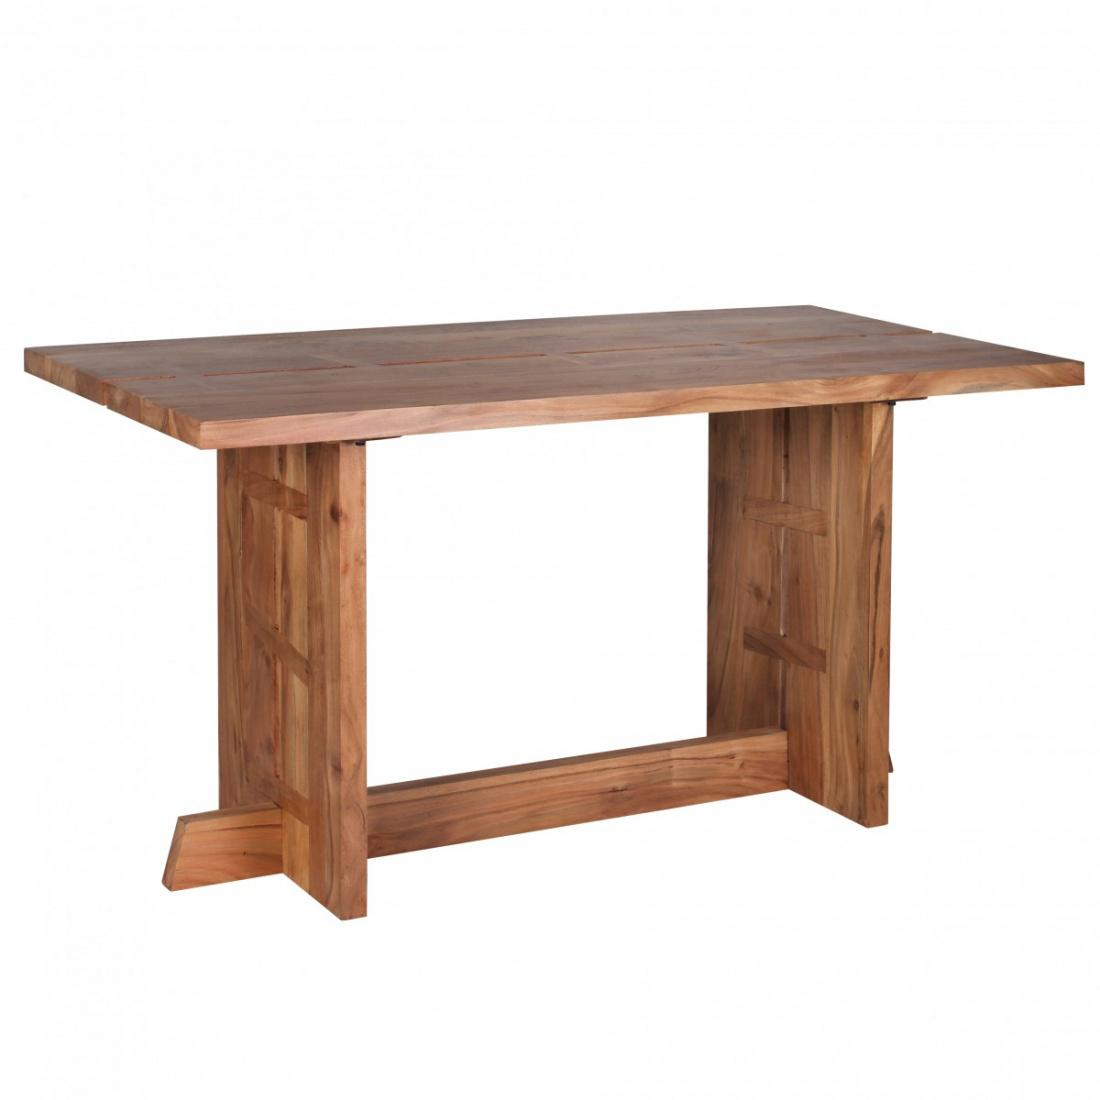 Design esstisch massivholz akazie k chentisch 140 x 80 cm for Esstisch massivholz design